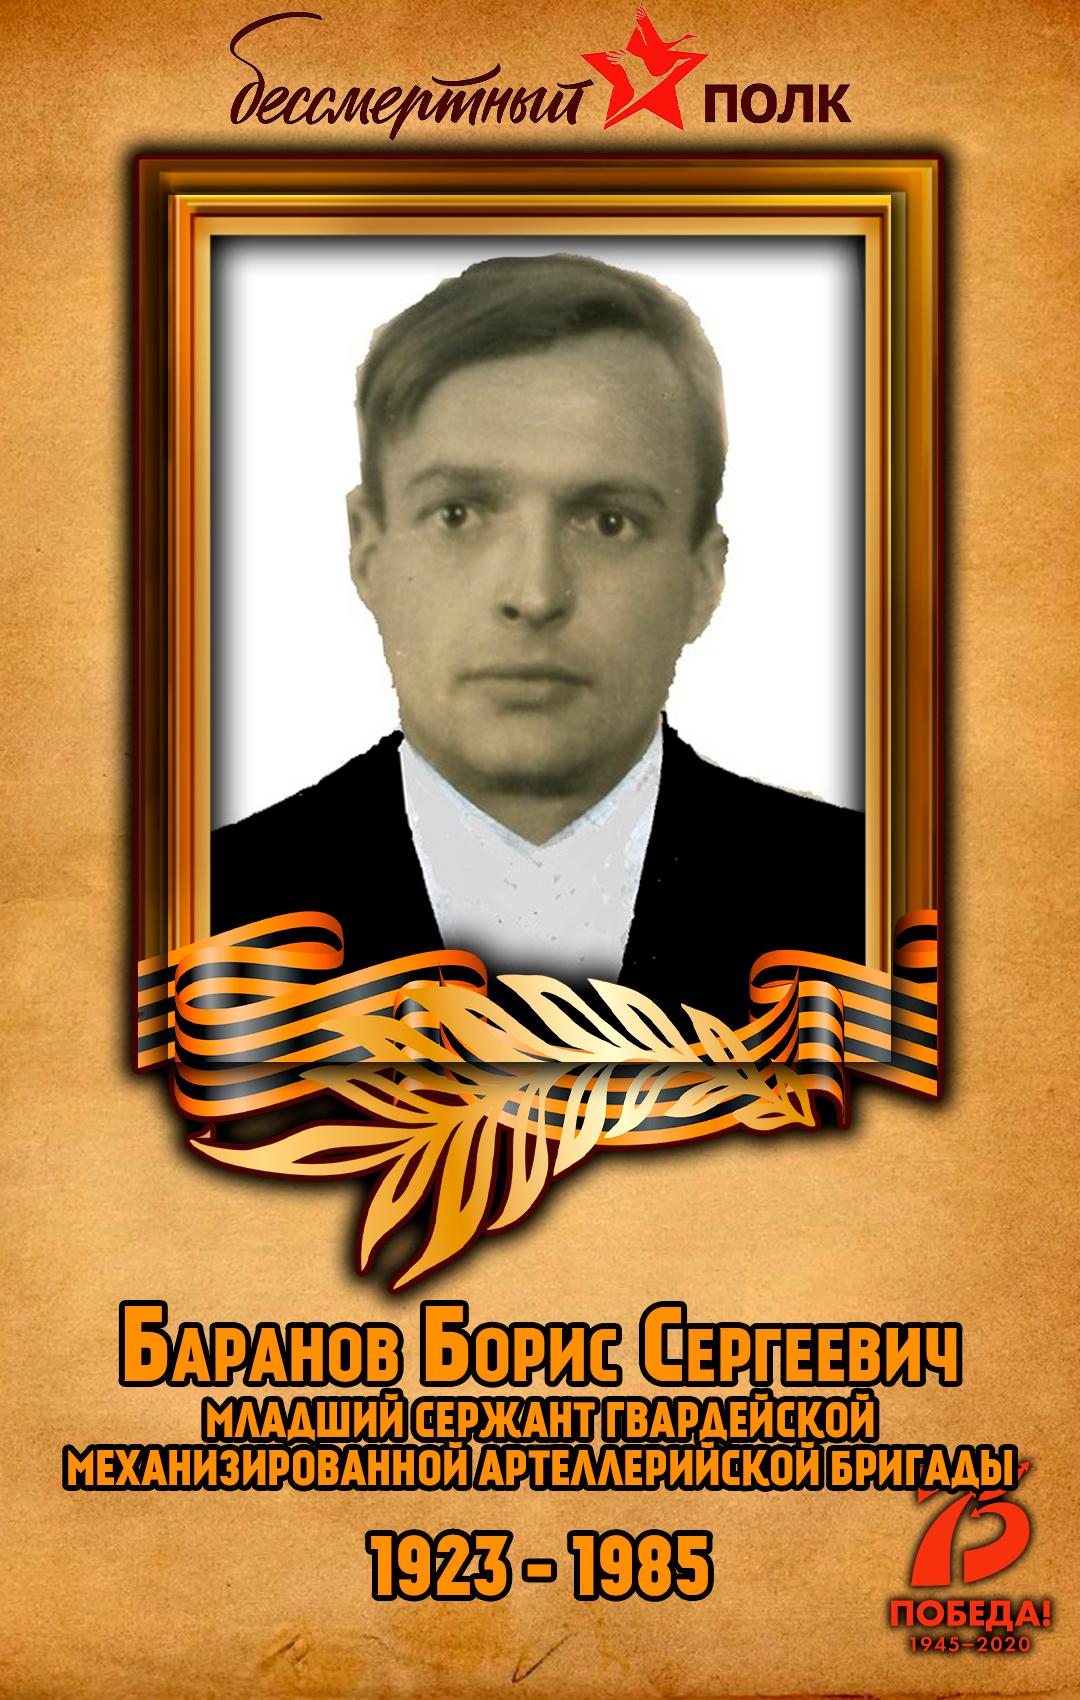 Баранов-Борис-Сергеевич